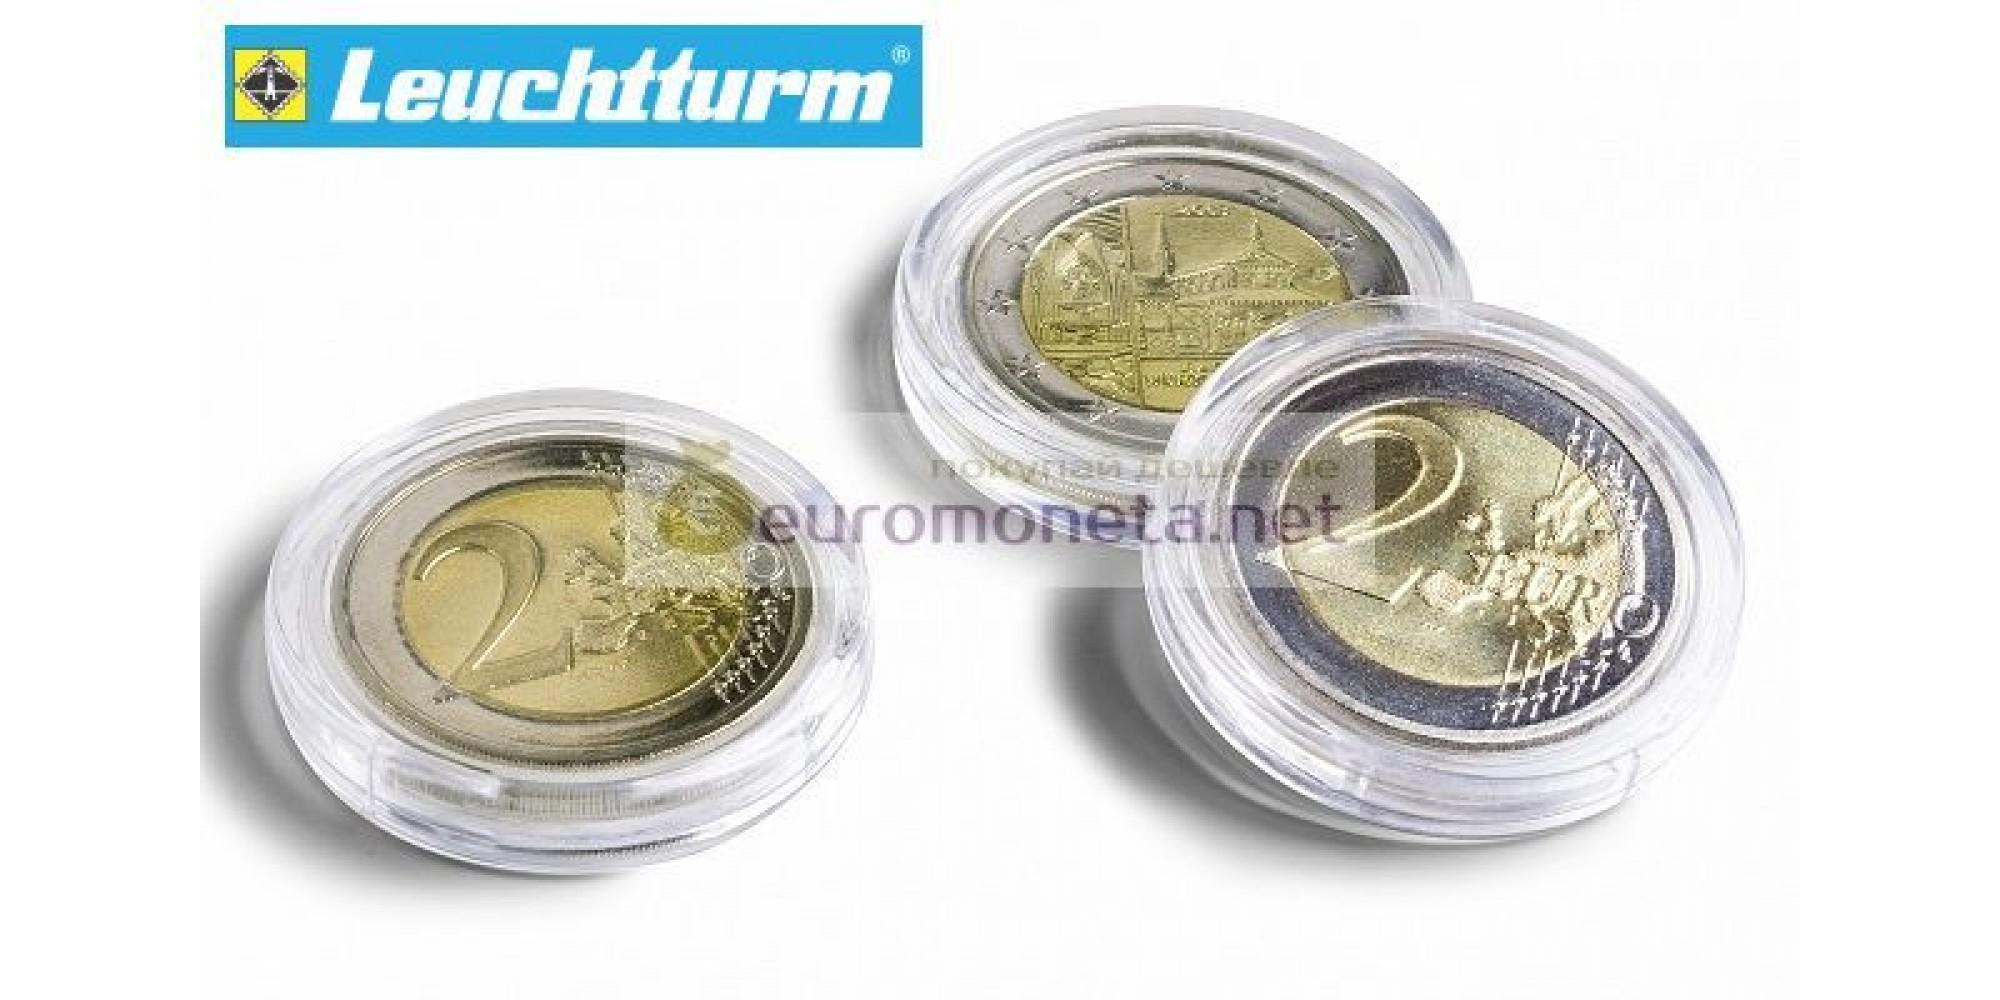 Leuchtturm капсулы ULTRA для хранения монет внутренний диаметр 17 мм, 10 штук